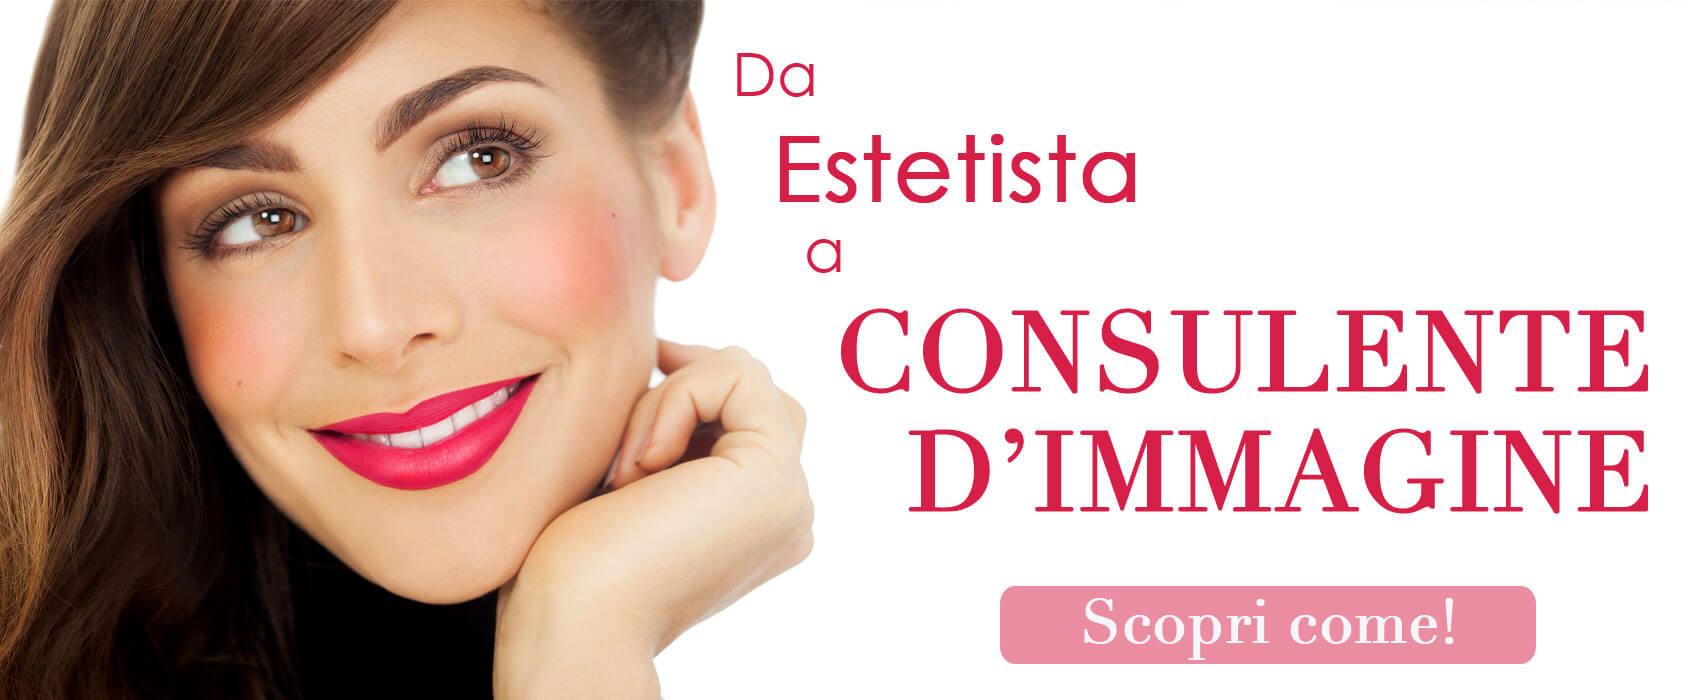 slider marketing centro estetico - consulente immagine